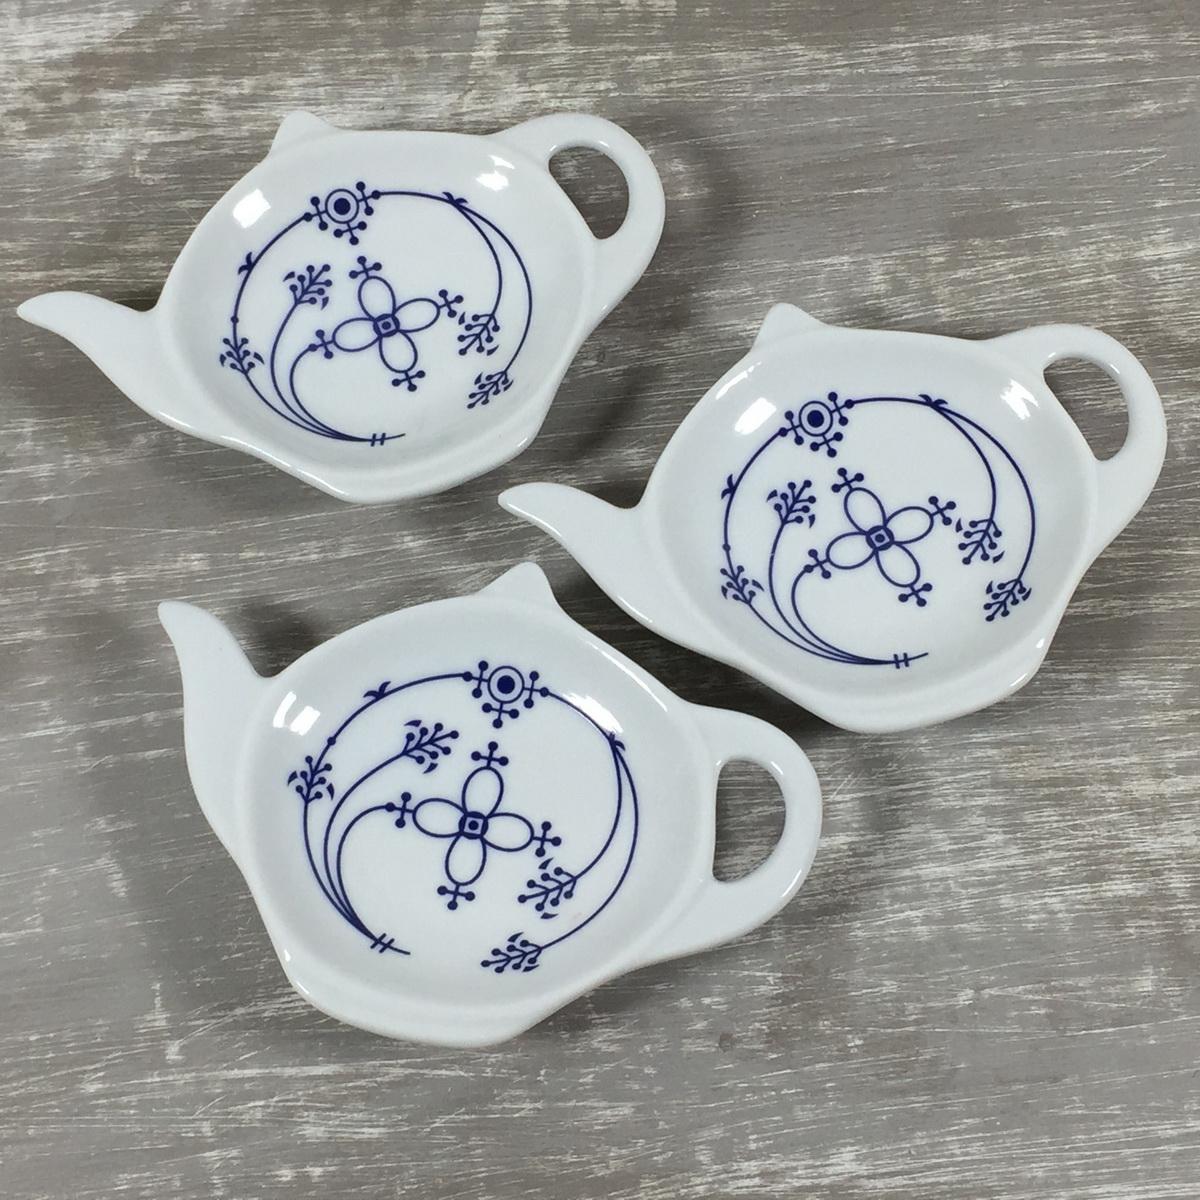 3er - SET Teebeutelablage Indisch Blau aus Porzellan maritim Tee Zubehör